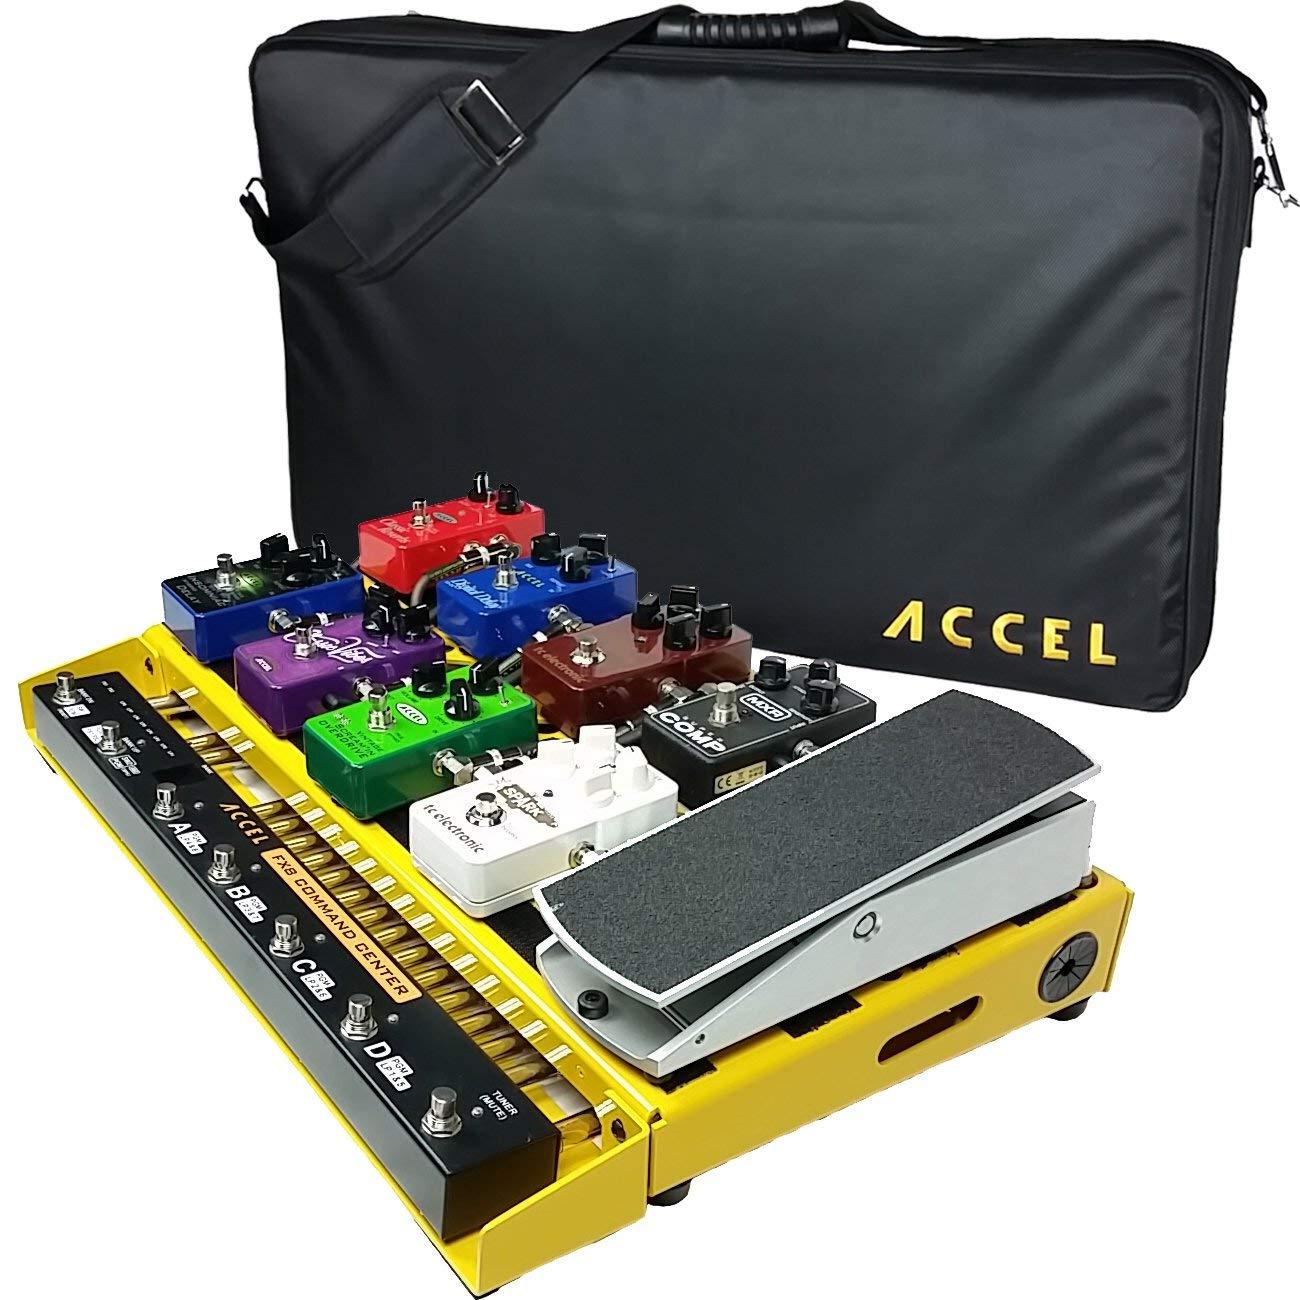 1205174de993 Cheap Best Pedal Board Case, find Best Pedal Board Case deals on ...